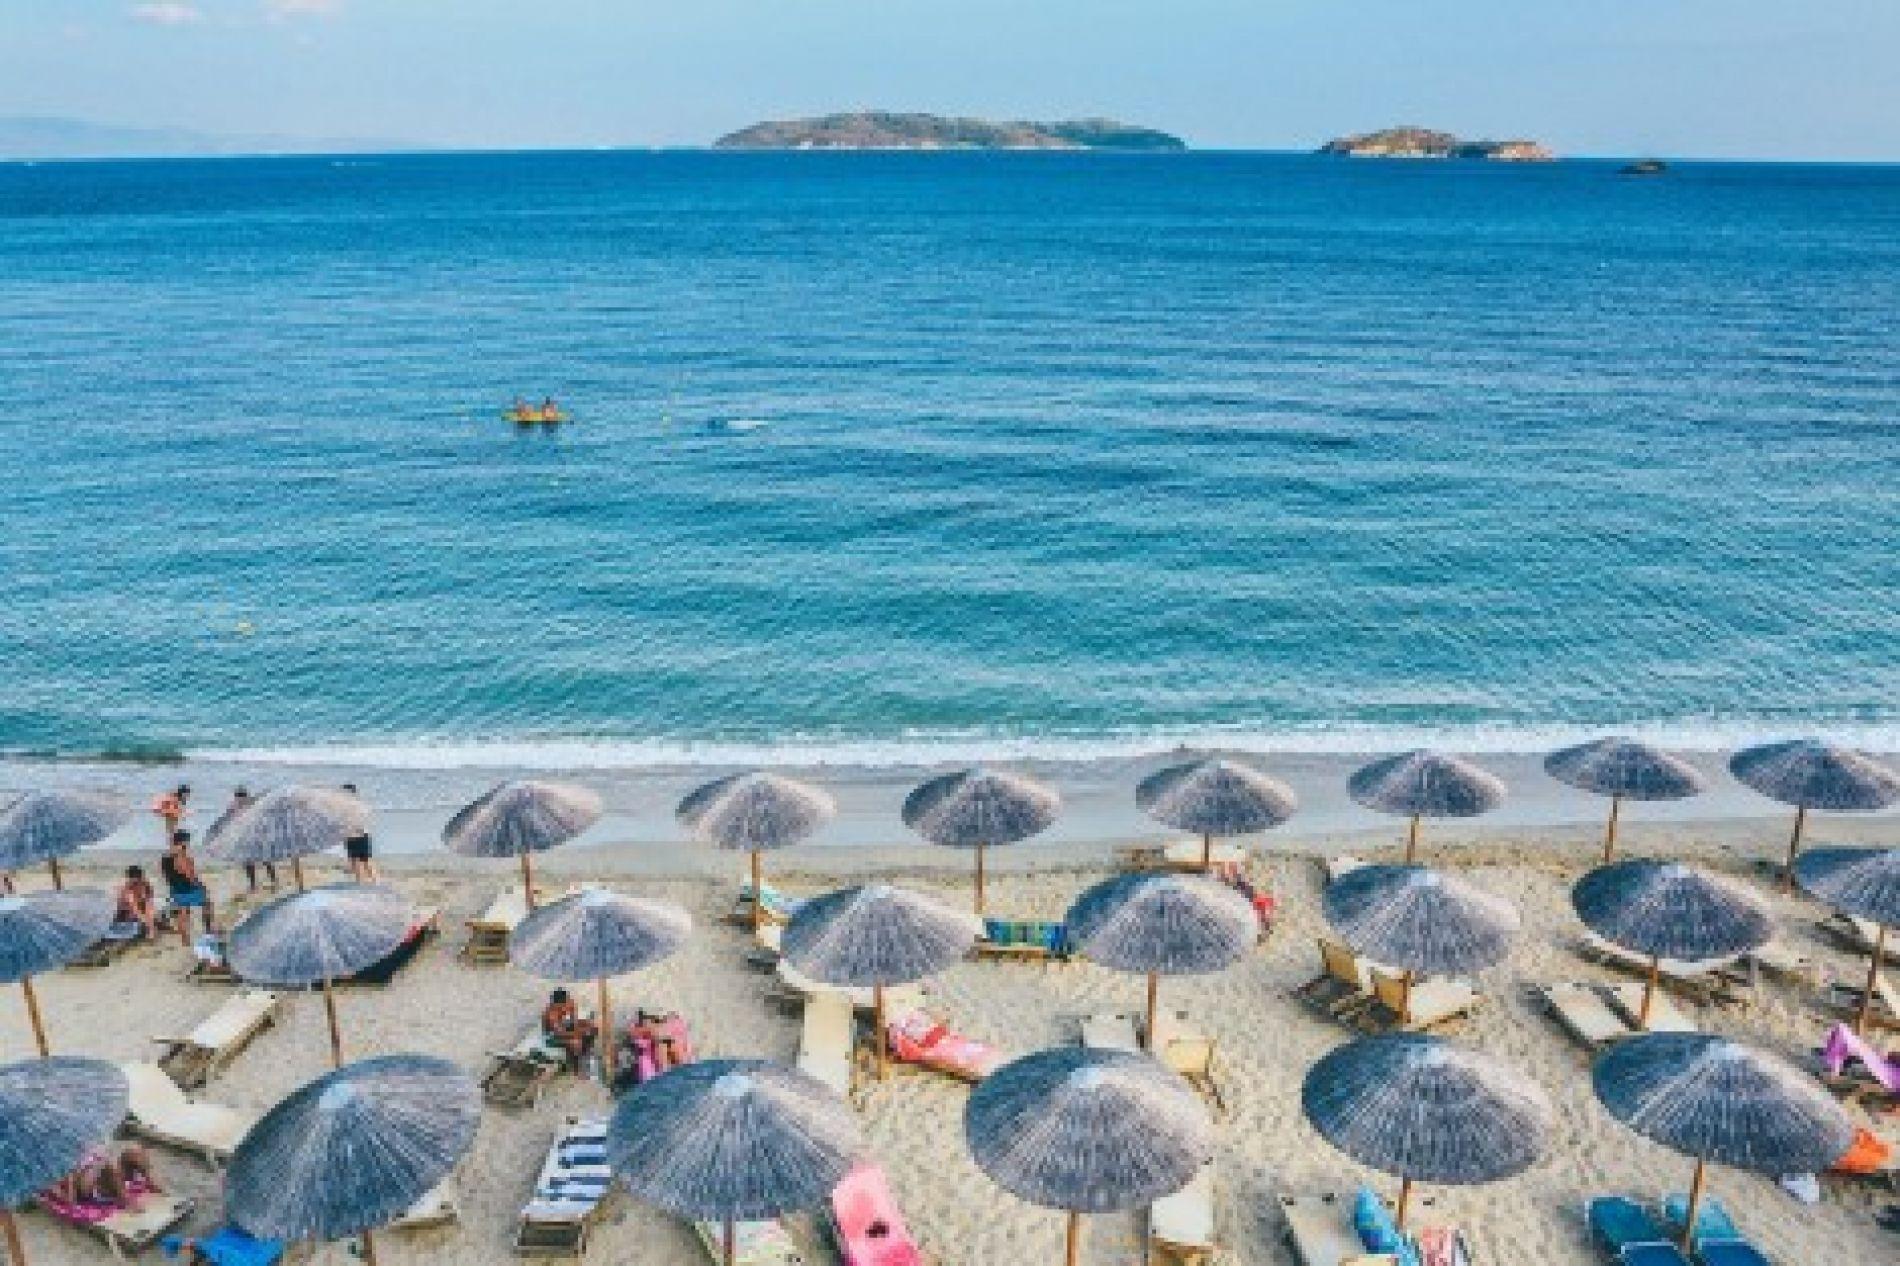 Българите оценяват летния туризъм у нас като добър, искат повече реклама